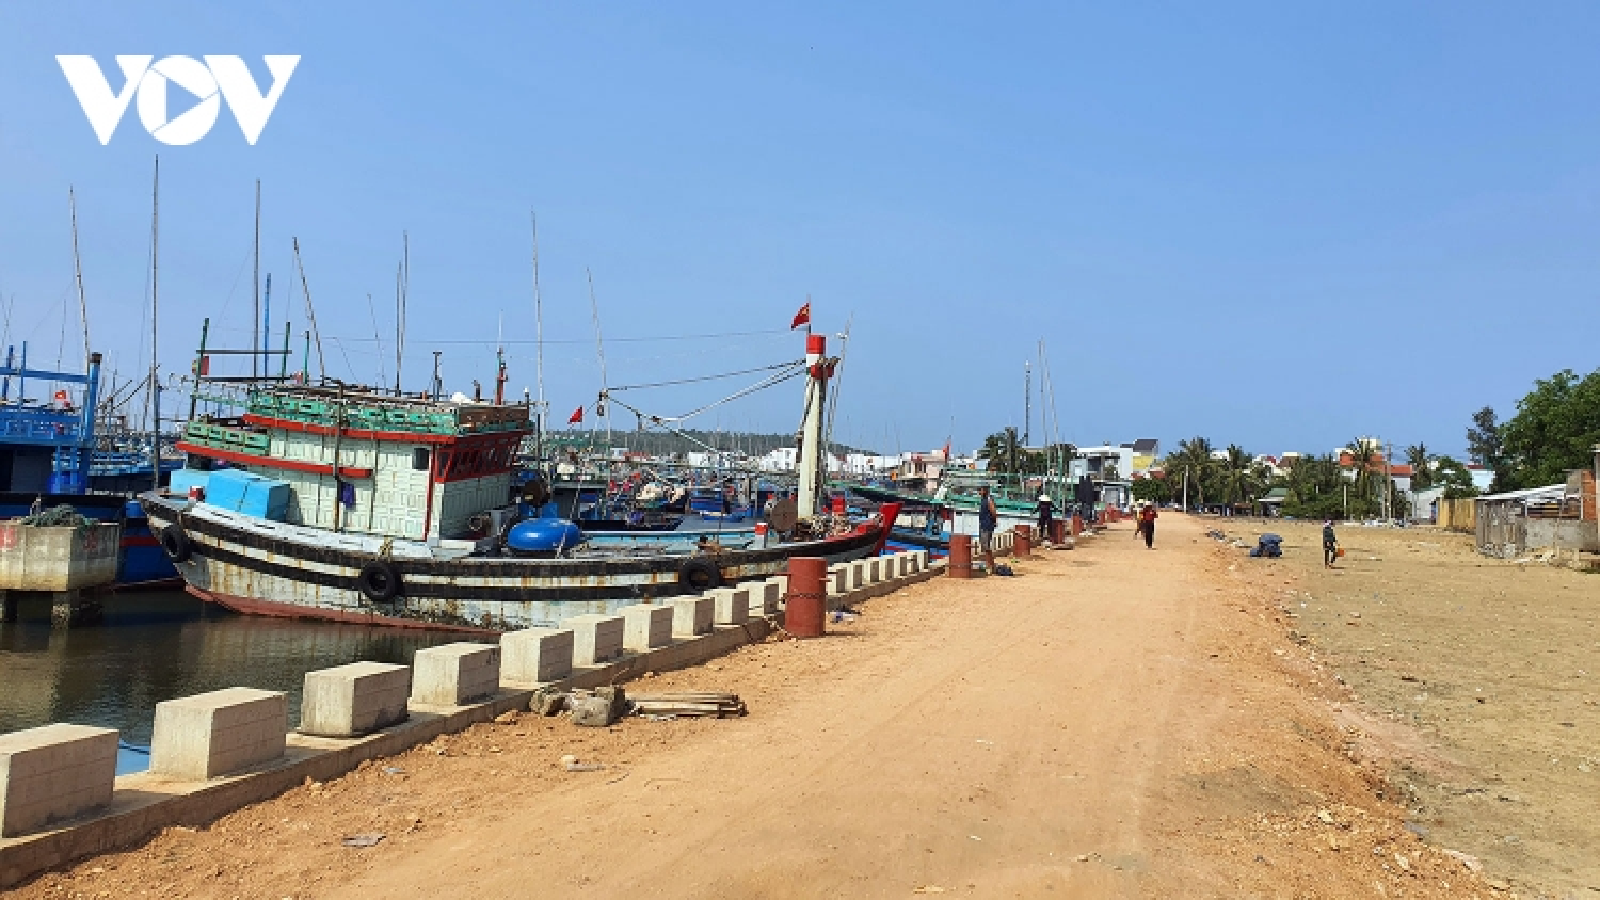 Tăng năng lực khai thác thủy sản: Nâng cấp cảng cá là nhu cầu cấp thiết